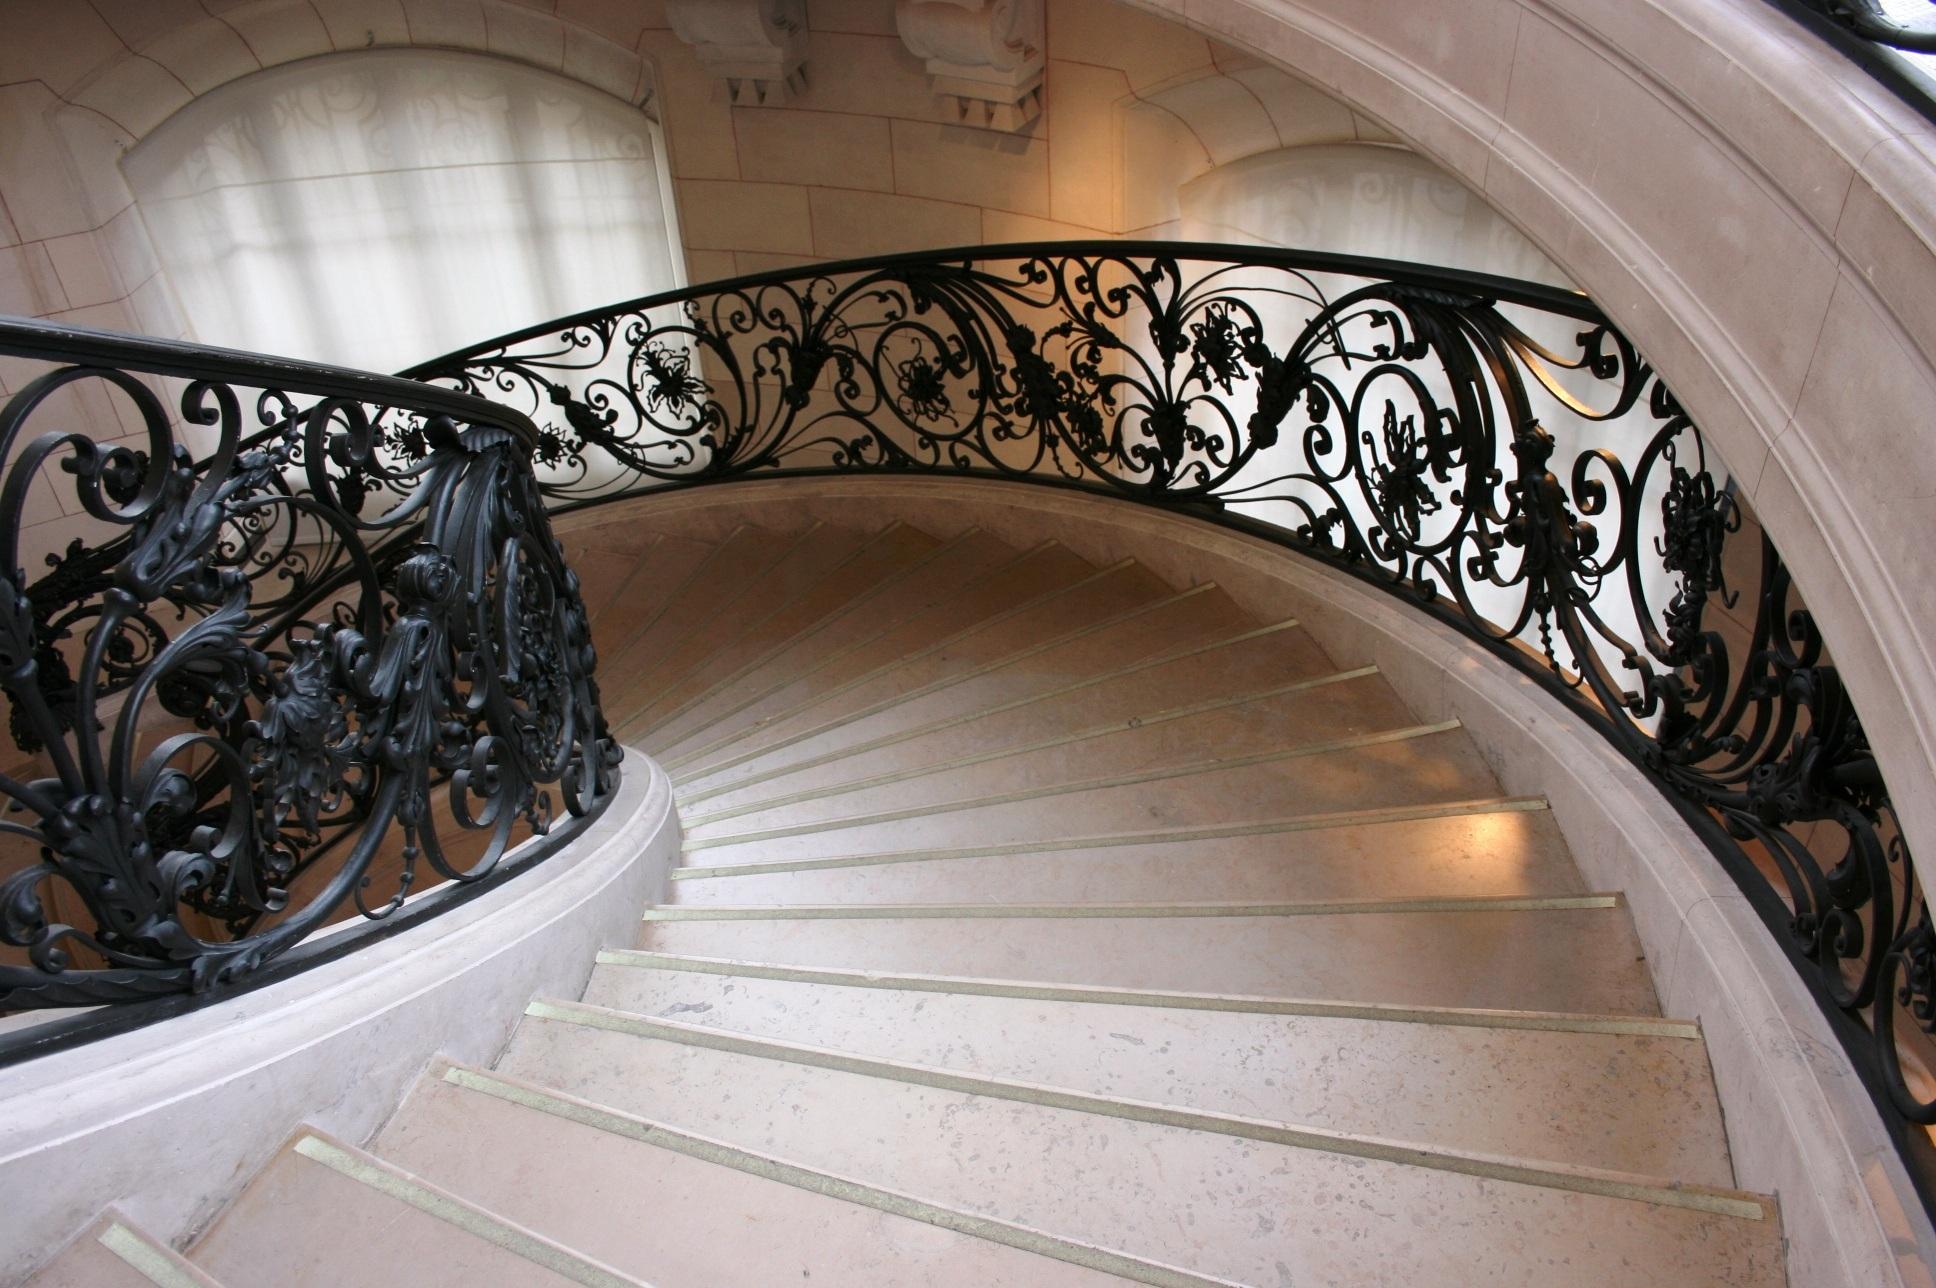 Images Gratuites : architecture, Paris, escalier, France, cambre ...